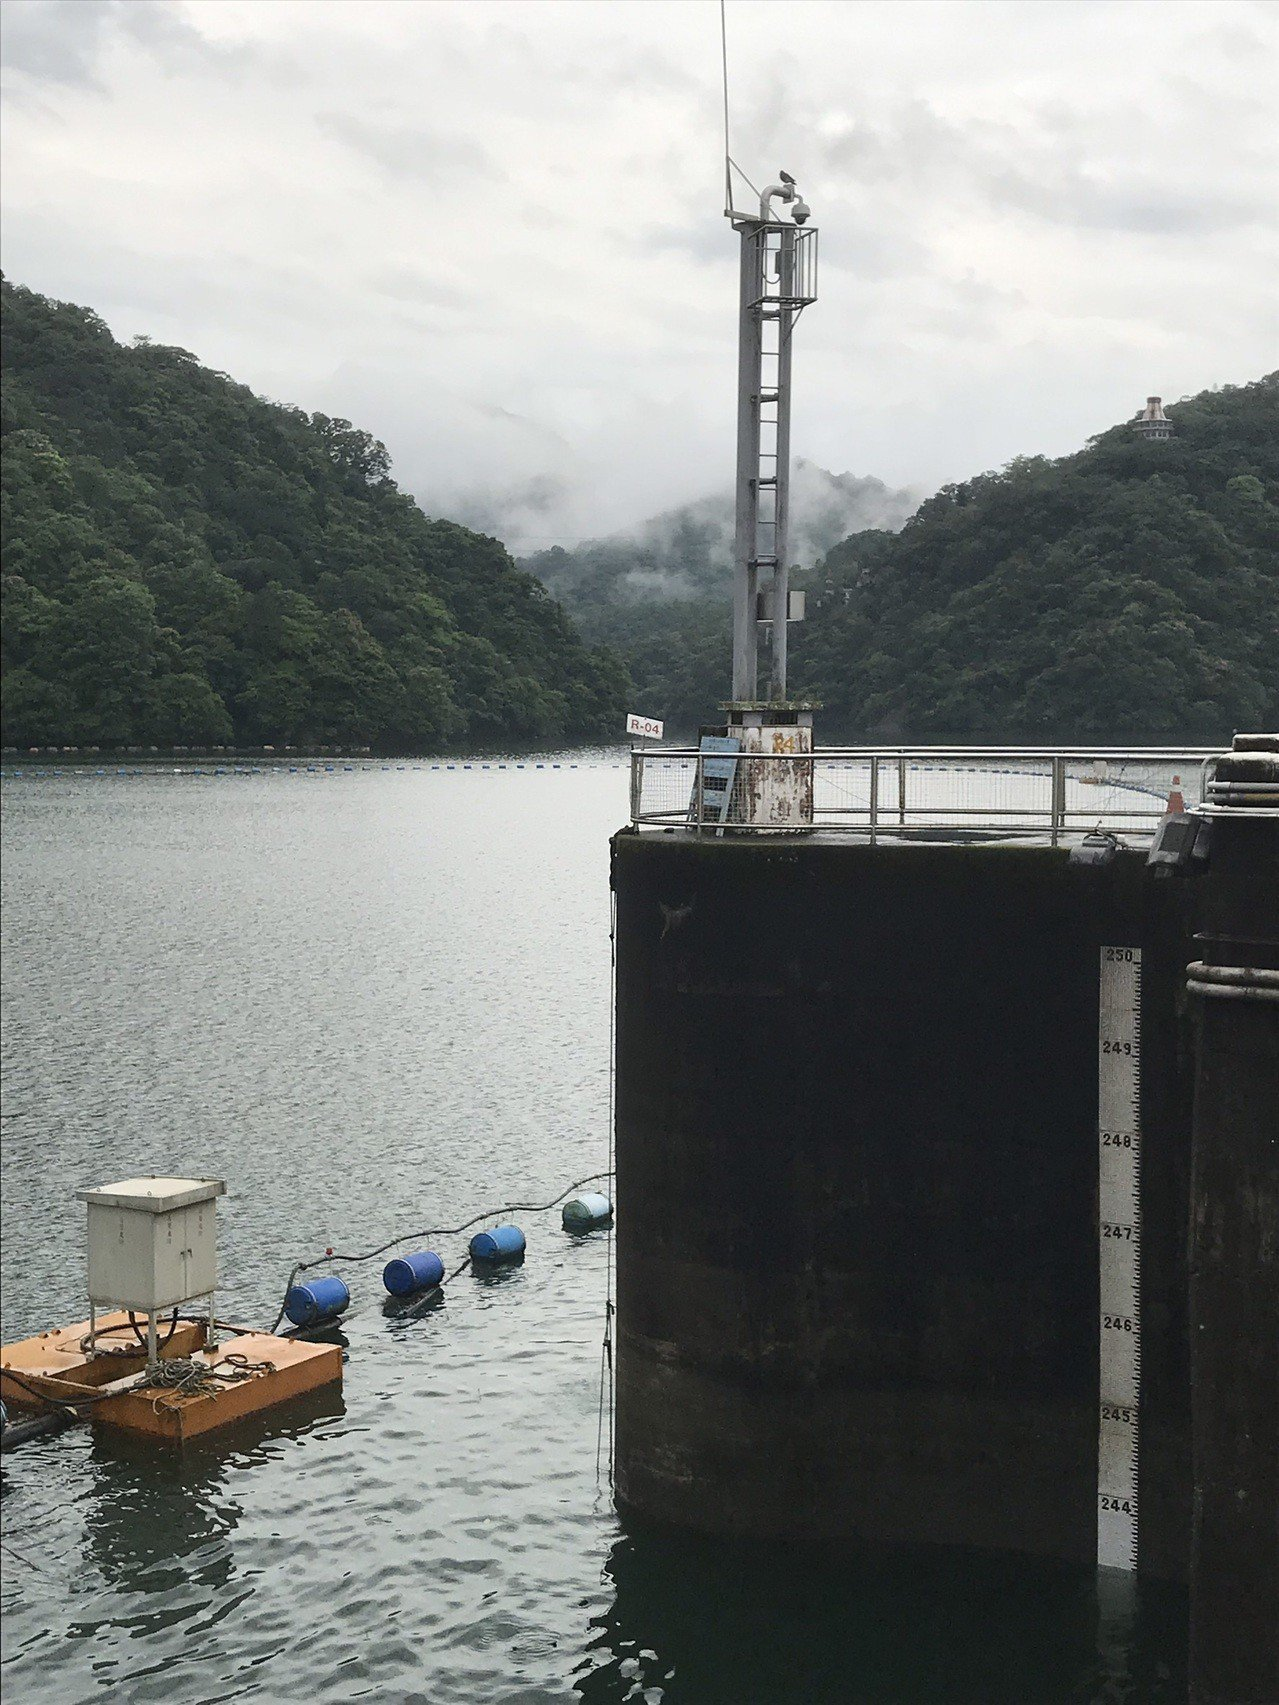 全台大豪雨,石門水庫已接近滿水位。因應另一波鋒面將通過台灣北部,北水局宣布今天下...